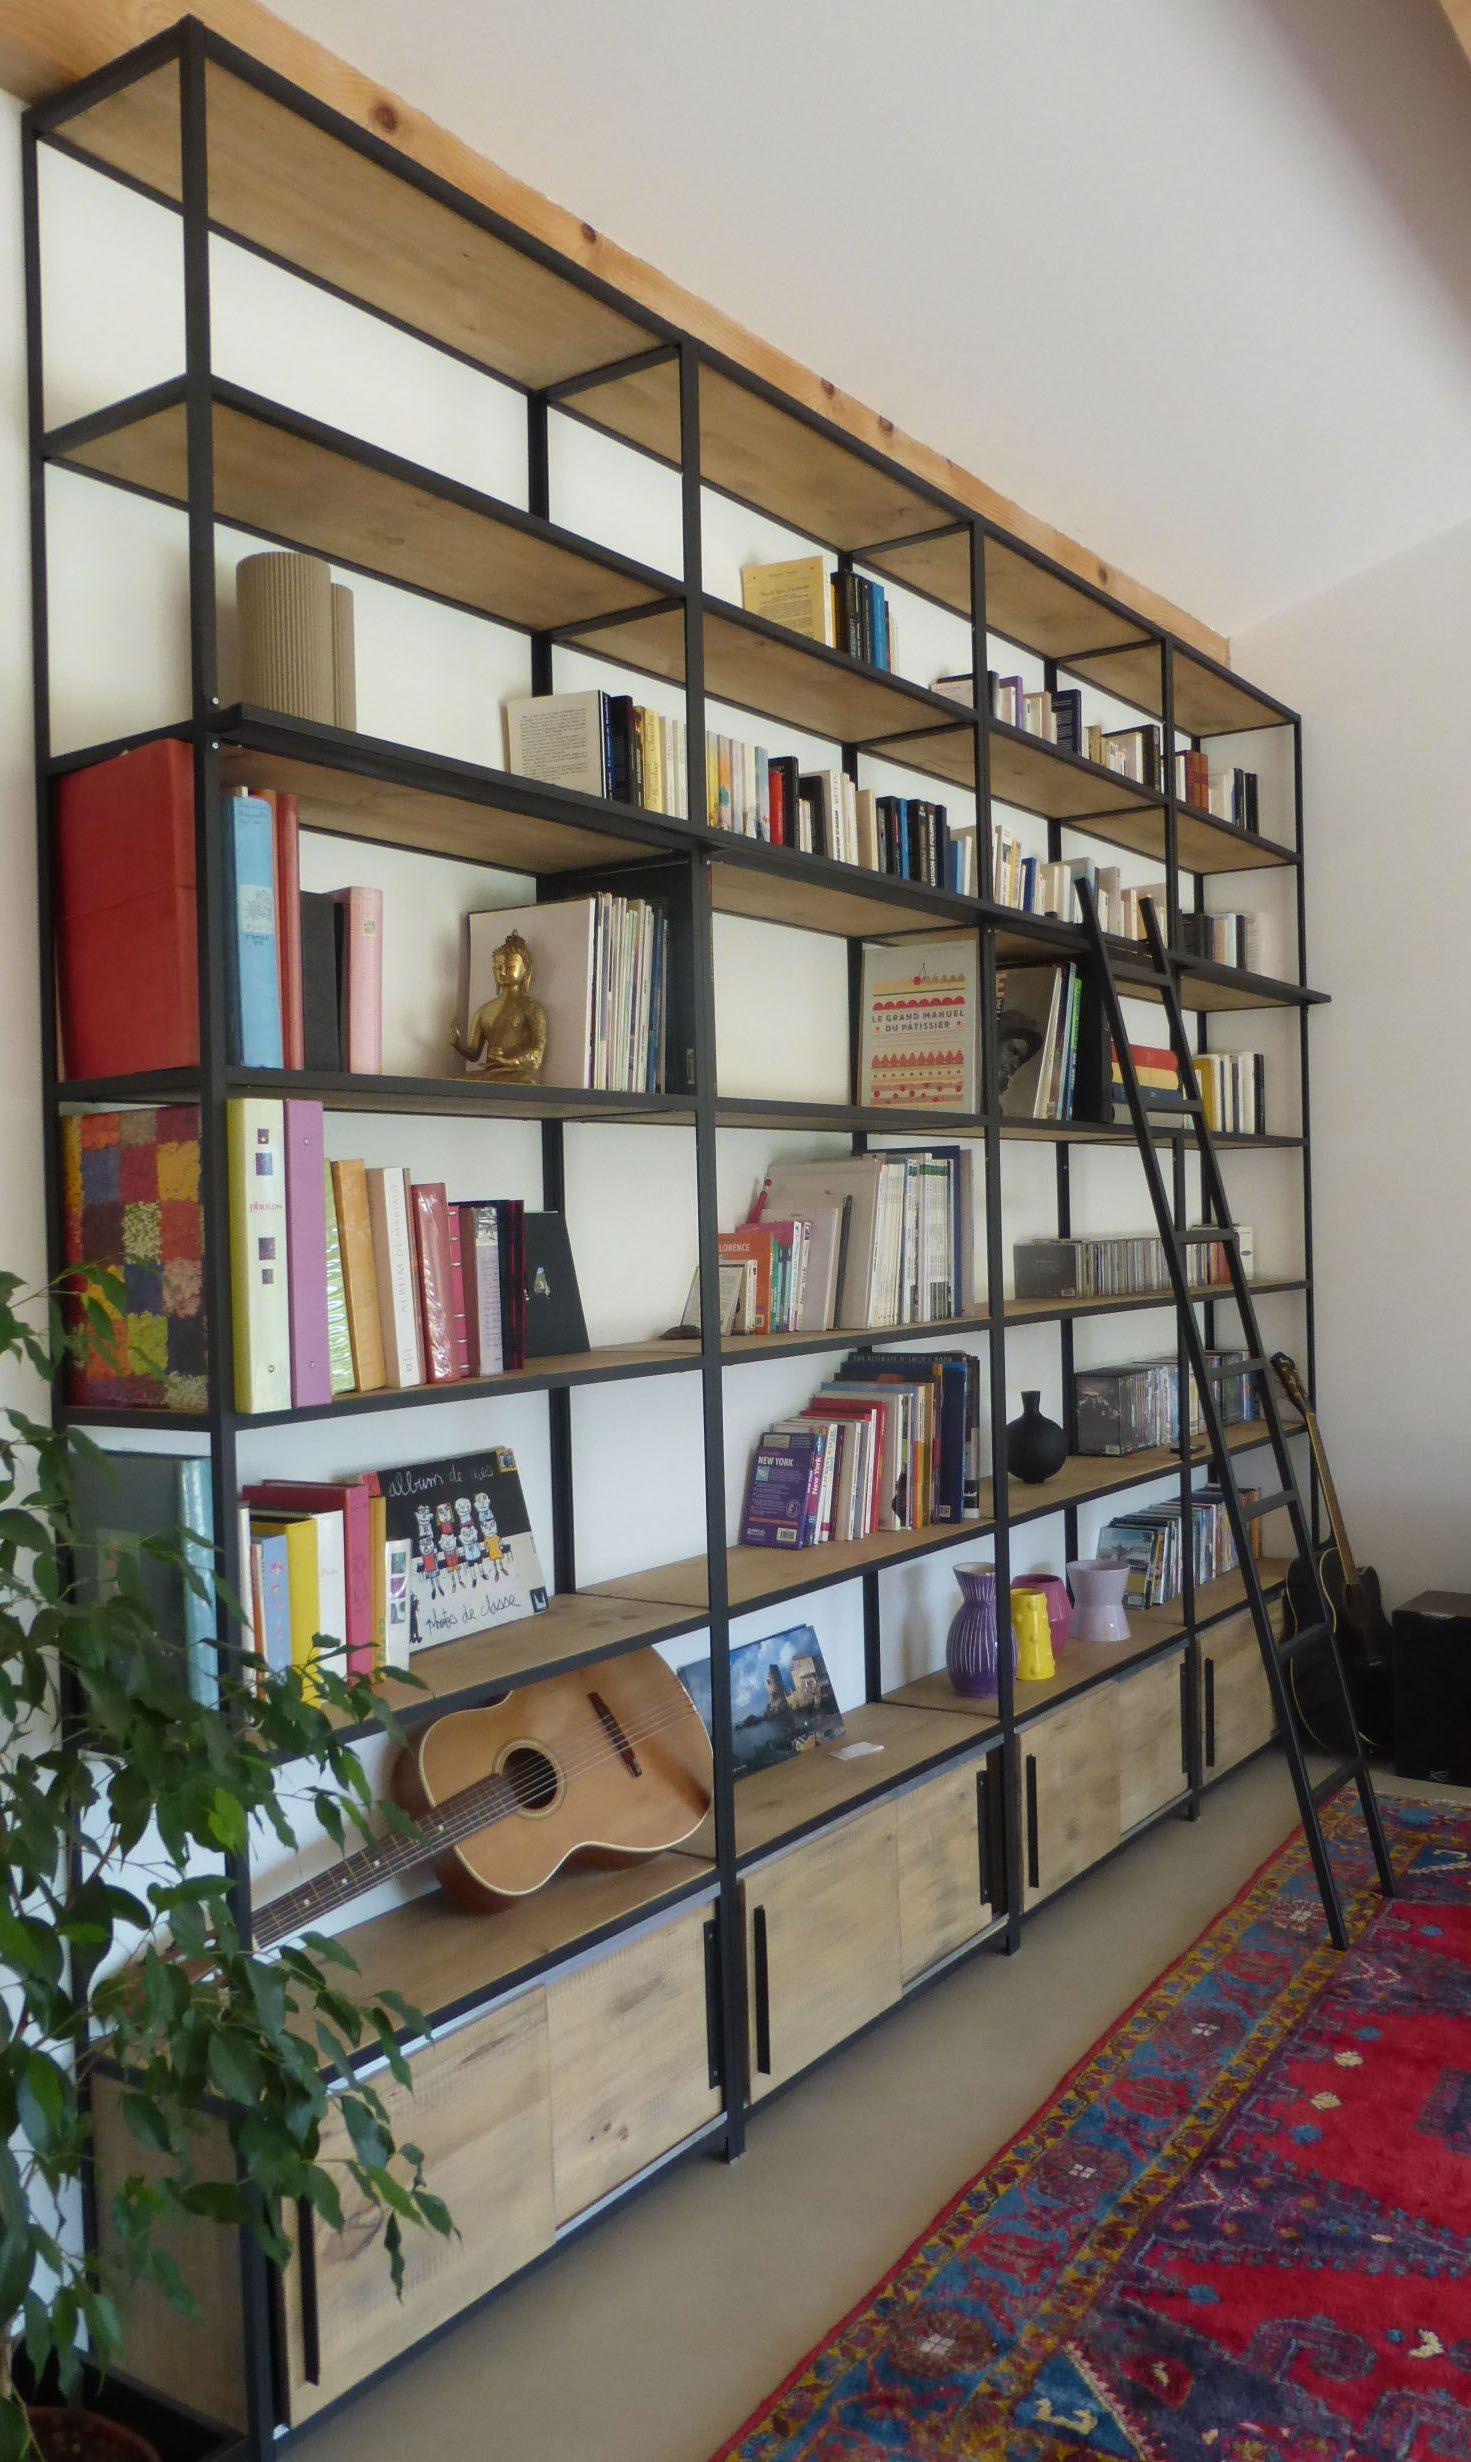 on a rencontre la maison de l imaginarium cet atelier artisanal a fait de la bibliotheque industrielle sa specialite du sur mesure bien sur